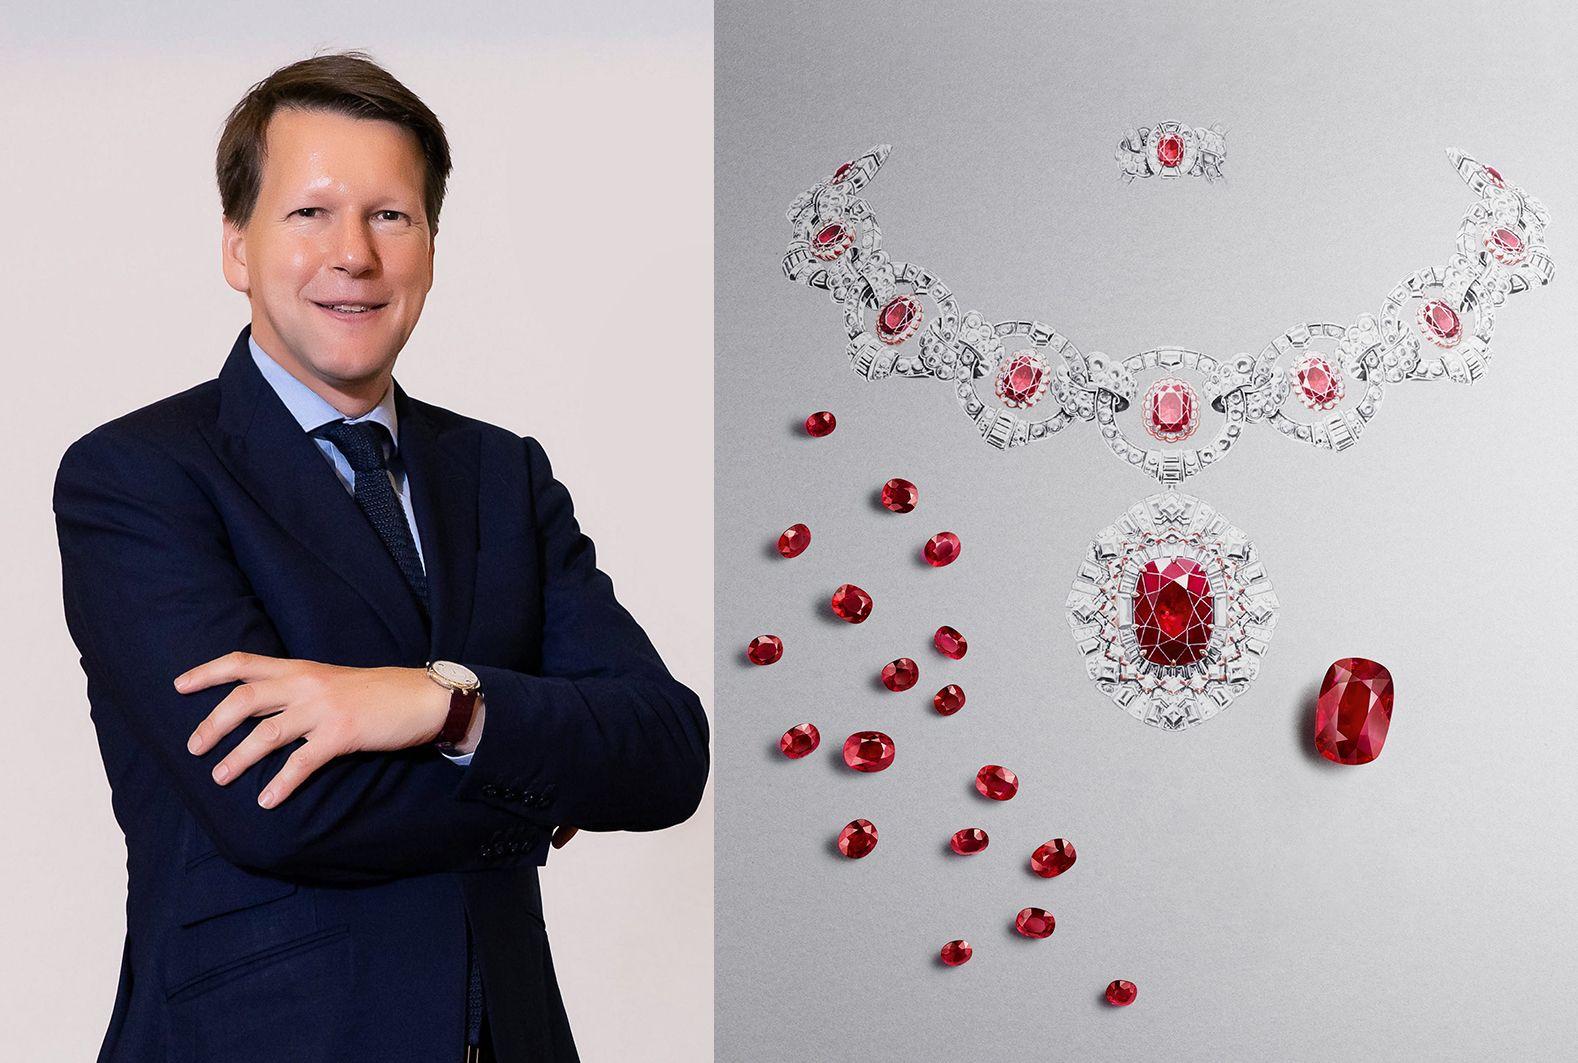 慧眼獨具的梵克雅寶亞太區總裁Nicolas Luchsinger,親身分享世家與紅寶石之間的不解之緣!